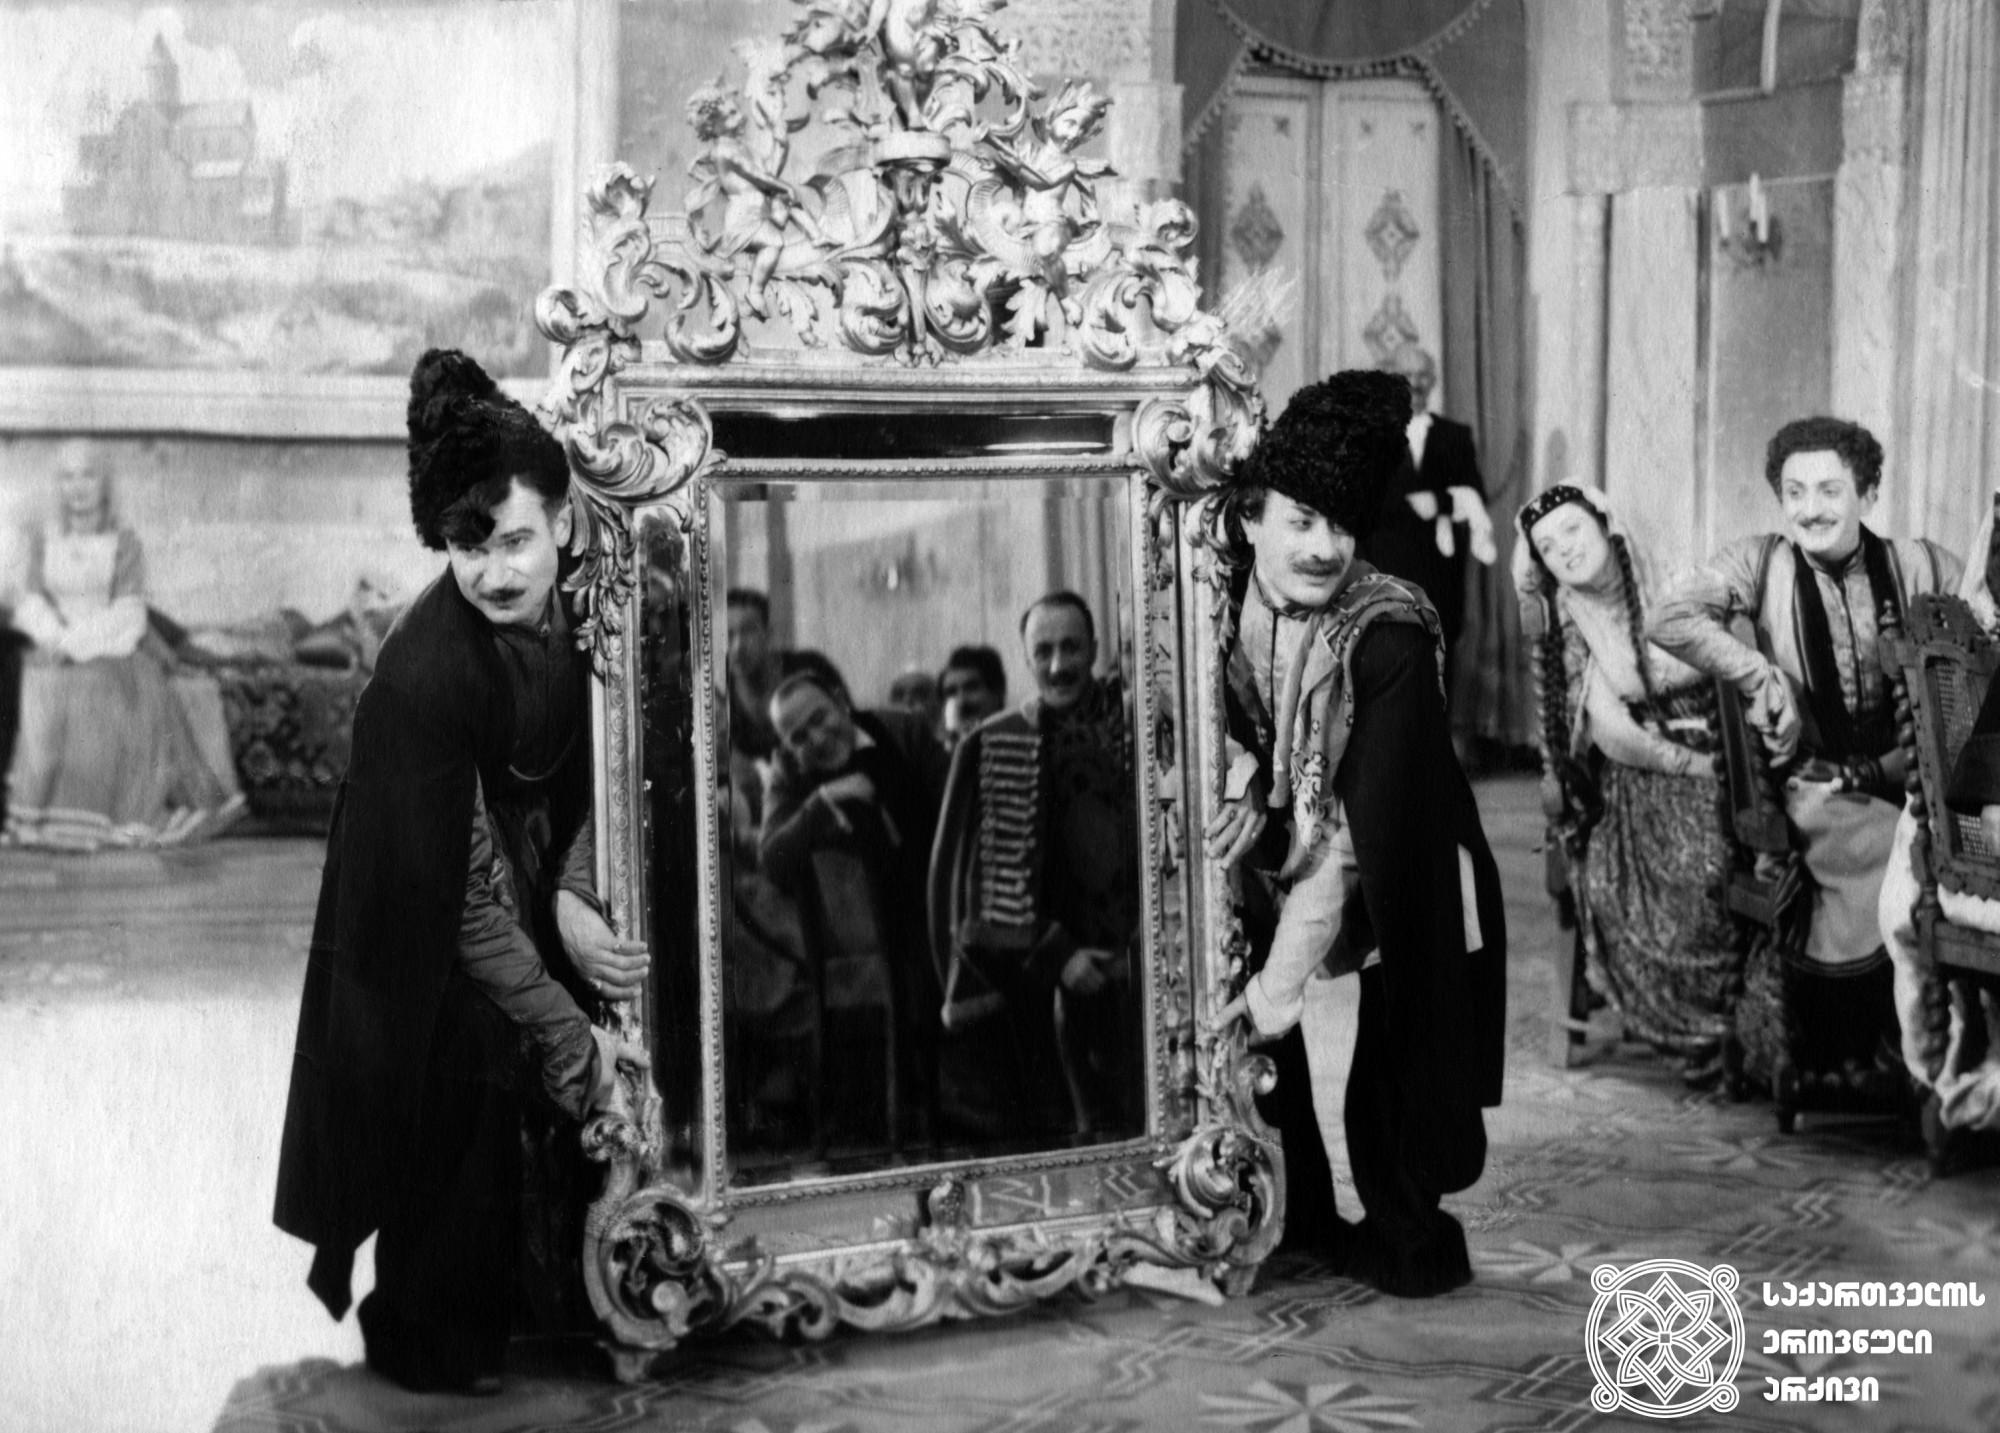 """მხატვრული ფილმი """"ქეთო და კოტე"""", მსახიობები: გიორგი შავგულიძე და ვასო გოძიაშვილი. <br> რეჟისორები: ვახტანგ ტაბლიაშვილი და შალვა გედევანიშვილი. <br> 1948.  <br>  Feature film """"Keto and Kote"""", Actors: Giorgi Shavgulidze and Vaso Godziashvili. <br> Directors: Vakhtang Tabliashvili and Shalva Gedevanishvili. <br>  1948"""